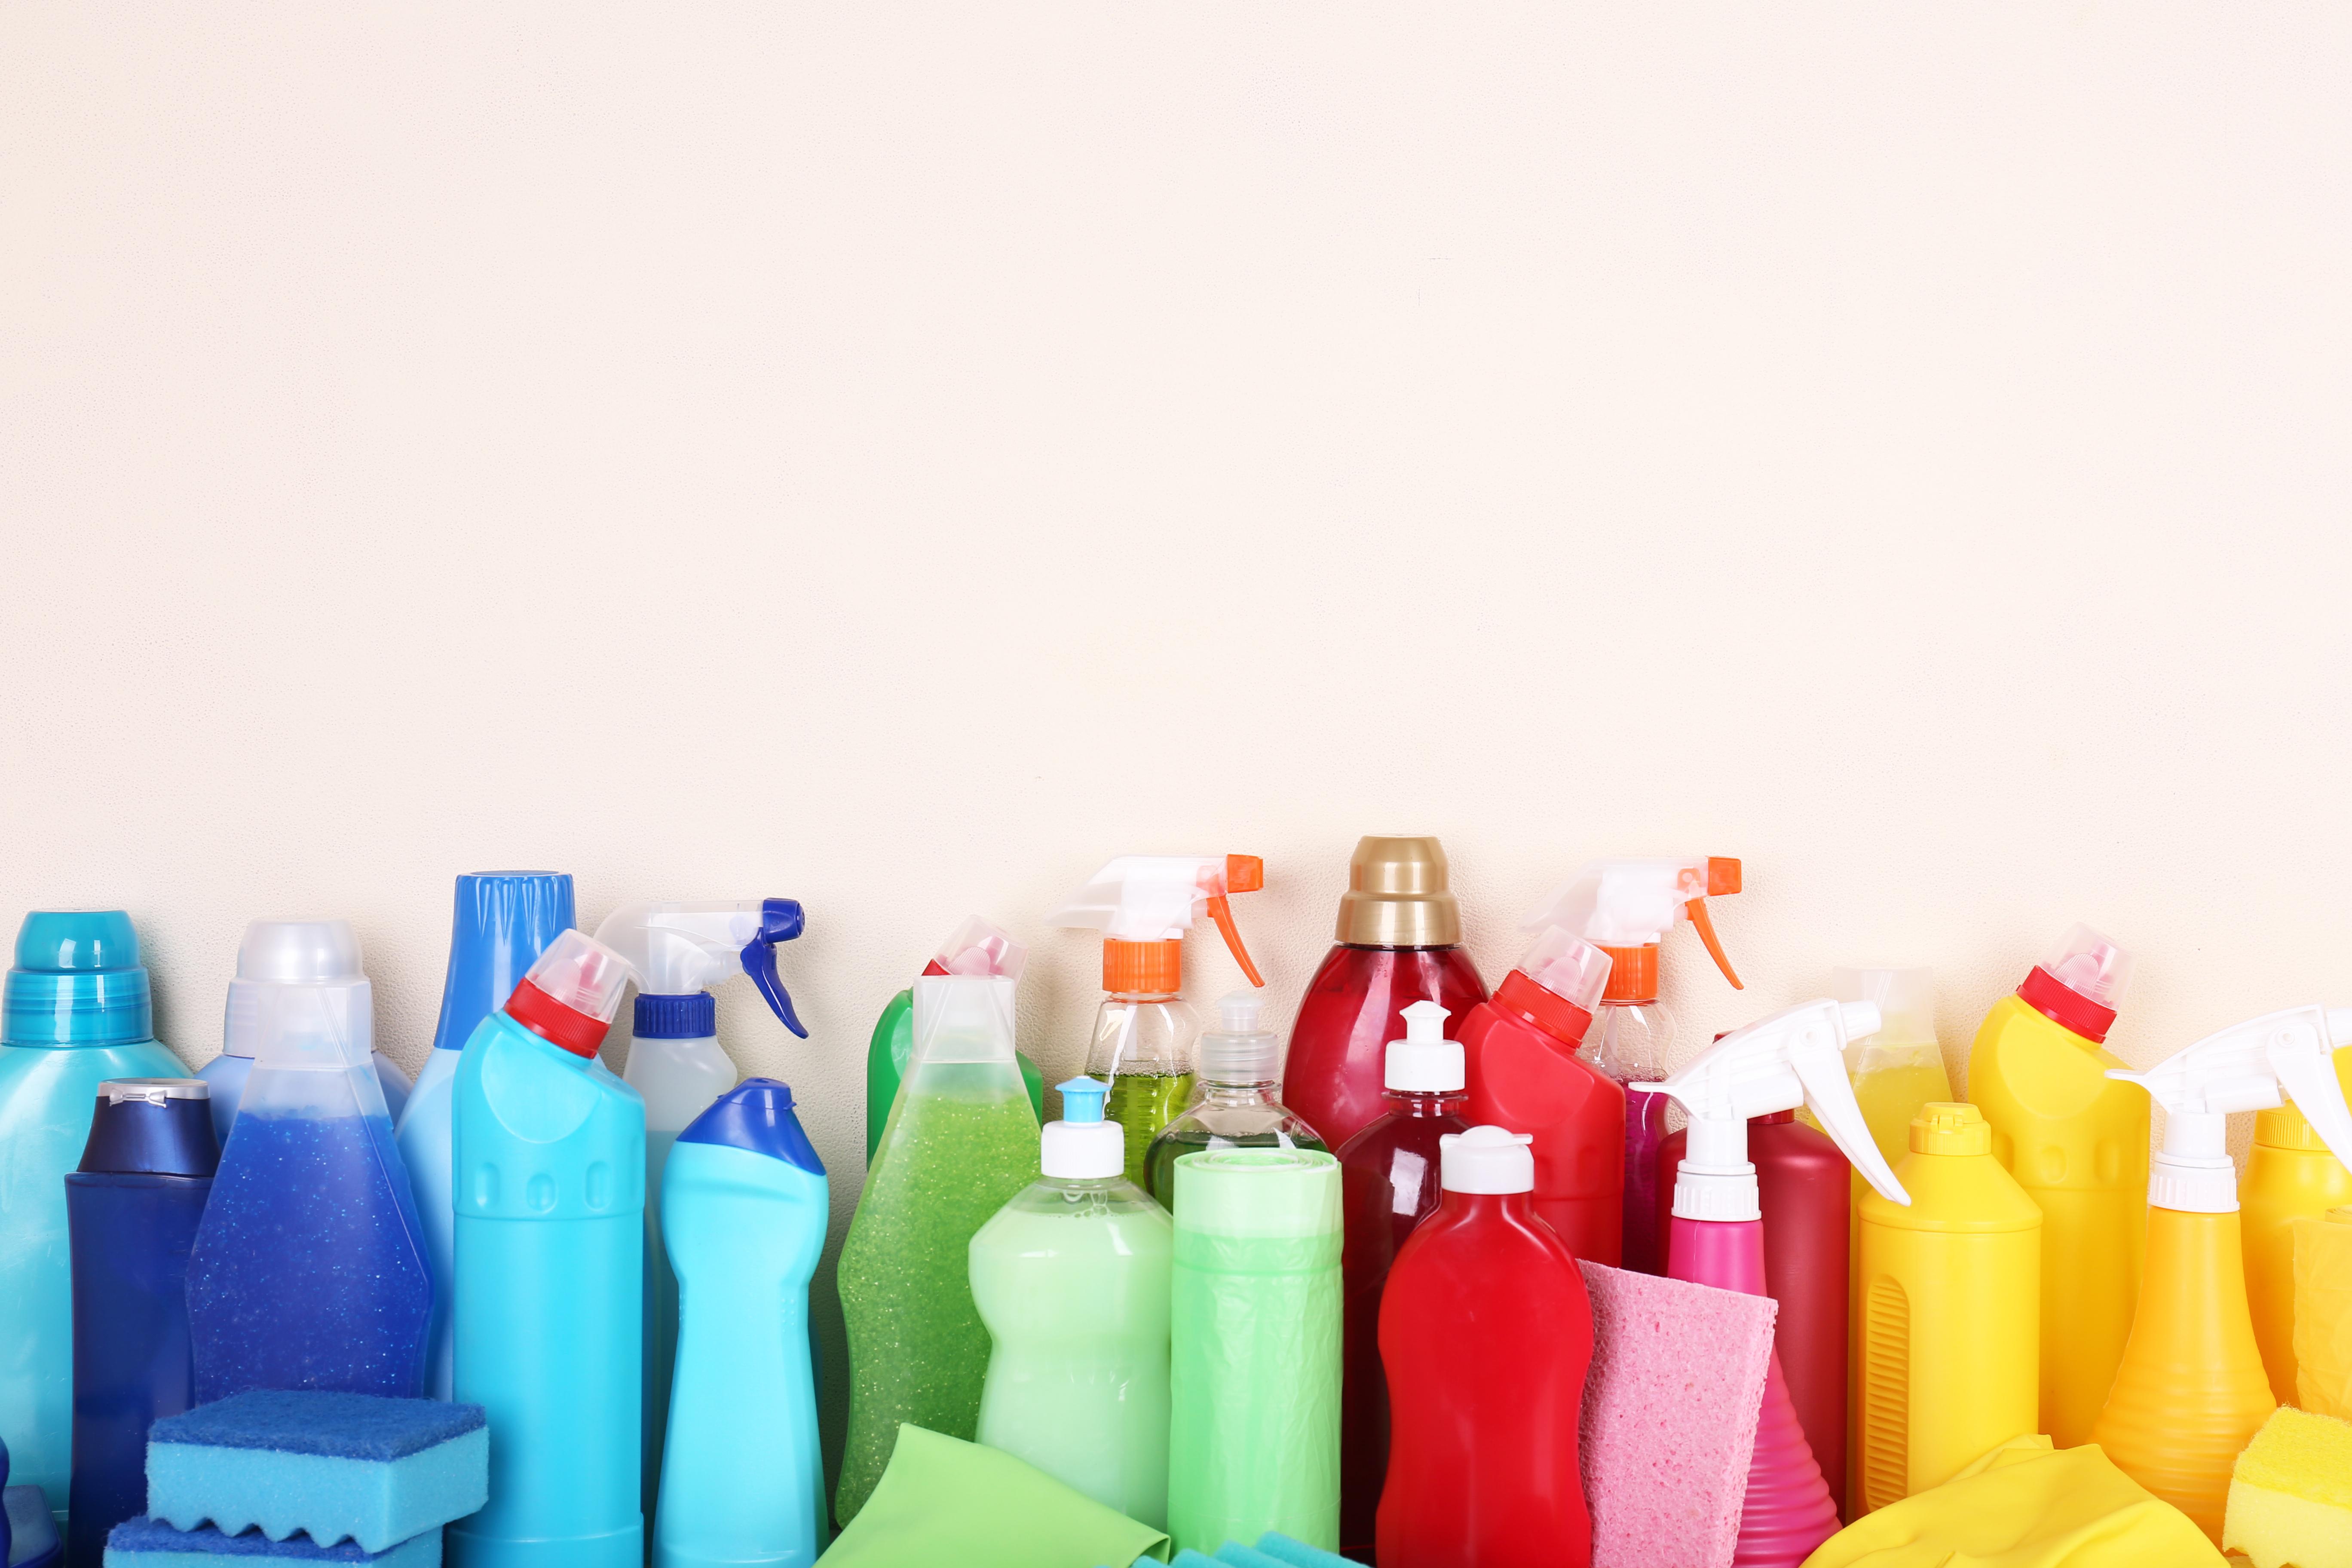 NexantECA Ethoxylates – cleaning products